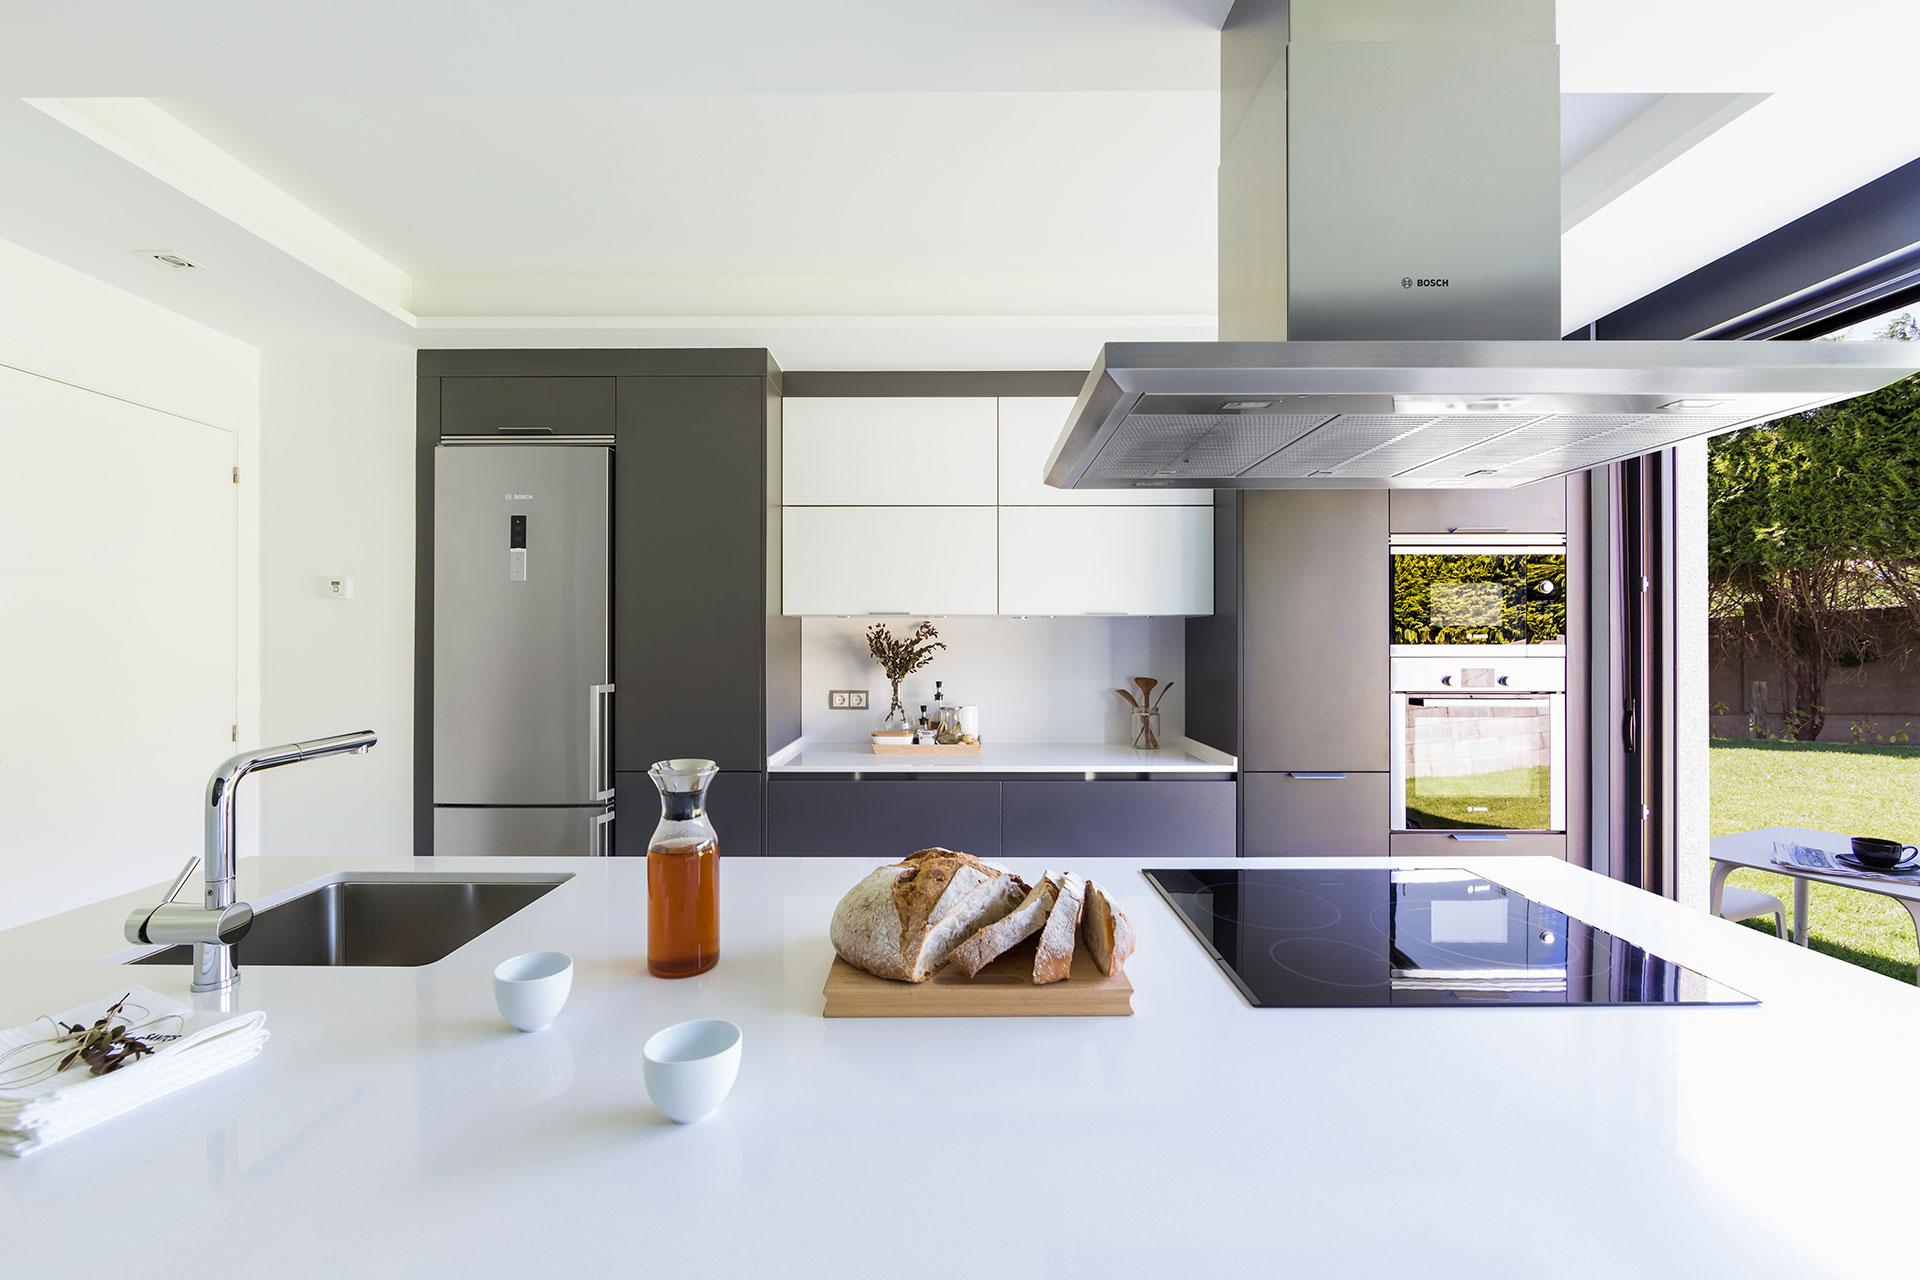 Campanas extractoras de cocina c mo acertar cocinas - Campanas de cocina modernas ...